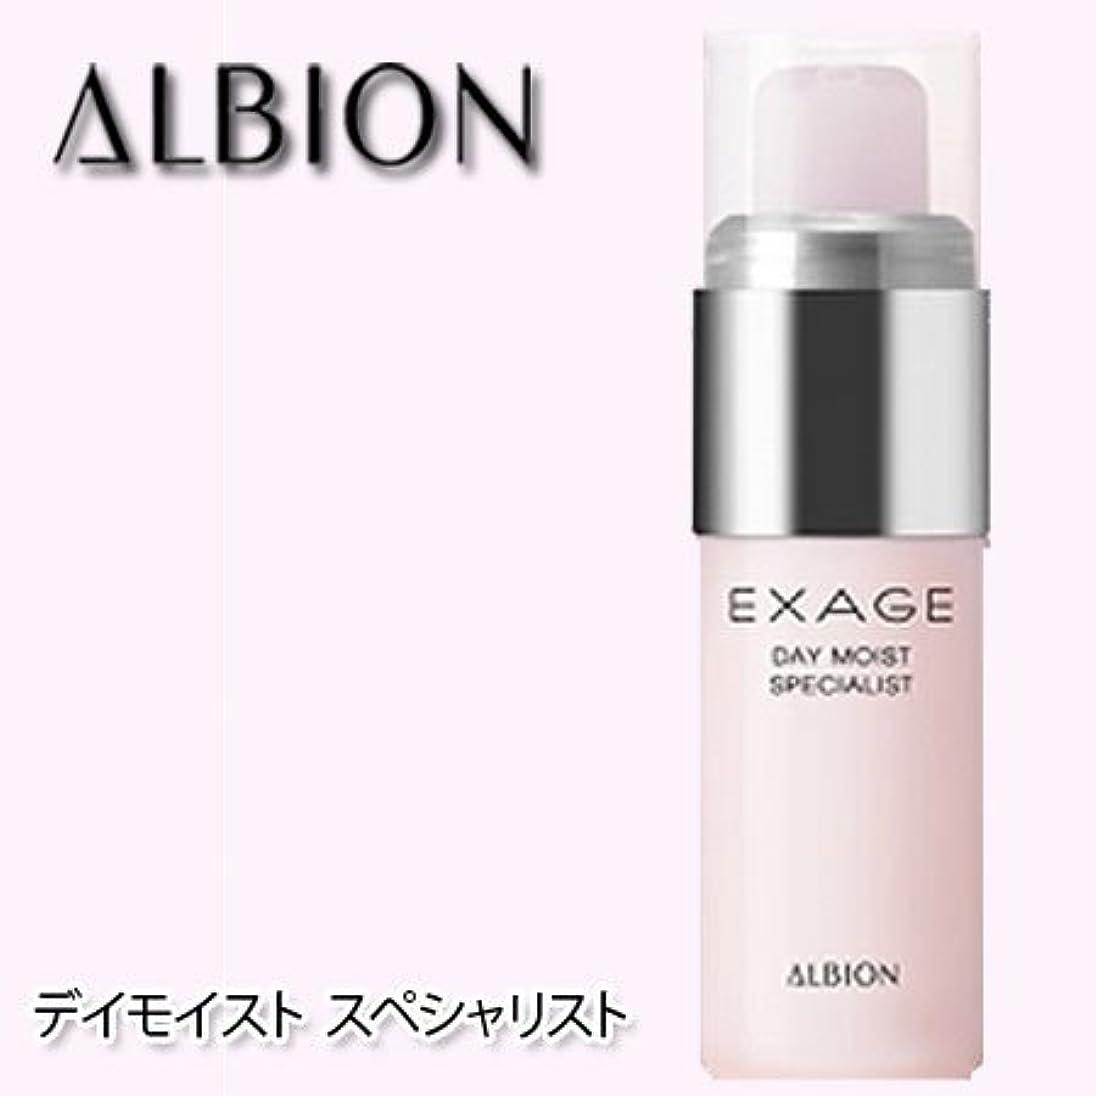 迷彩帽子感覚アルビオン エクサージュ デイモイスト スペシャリスト 20ml-ALBION-